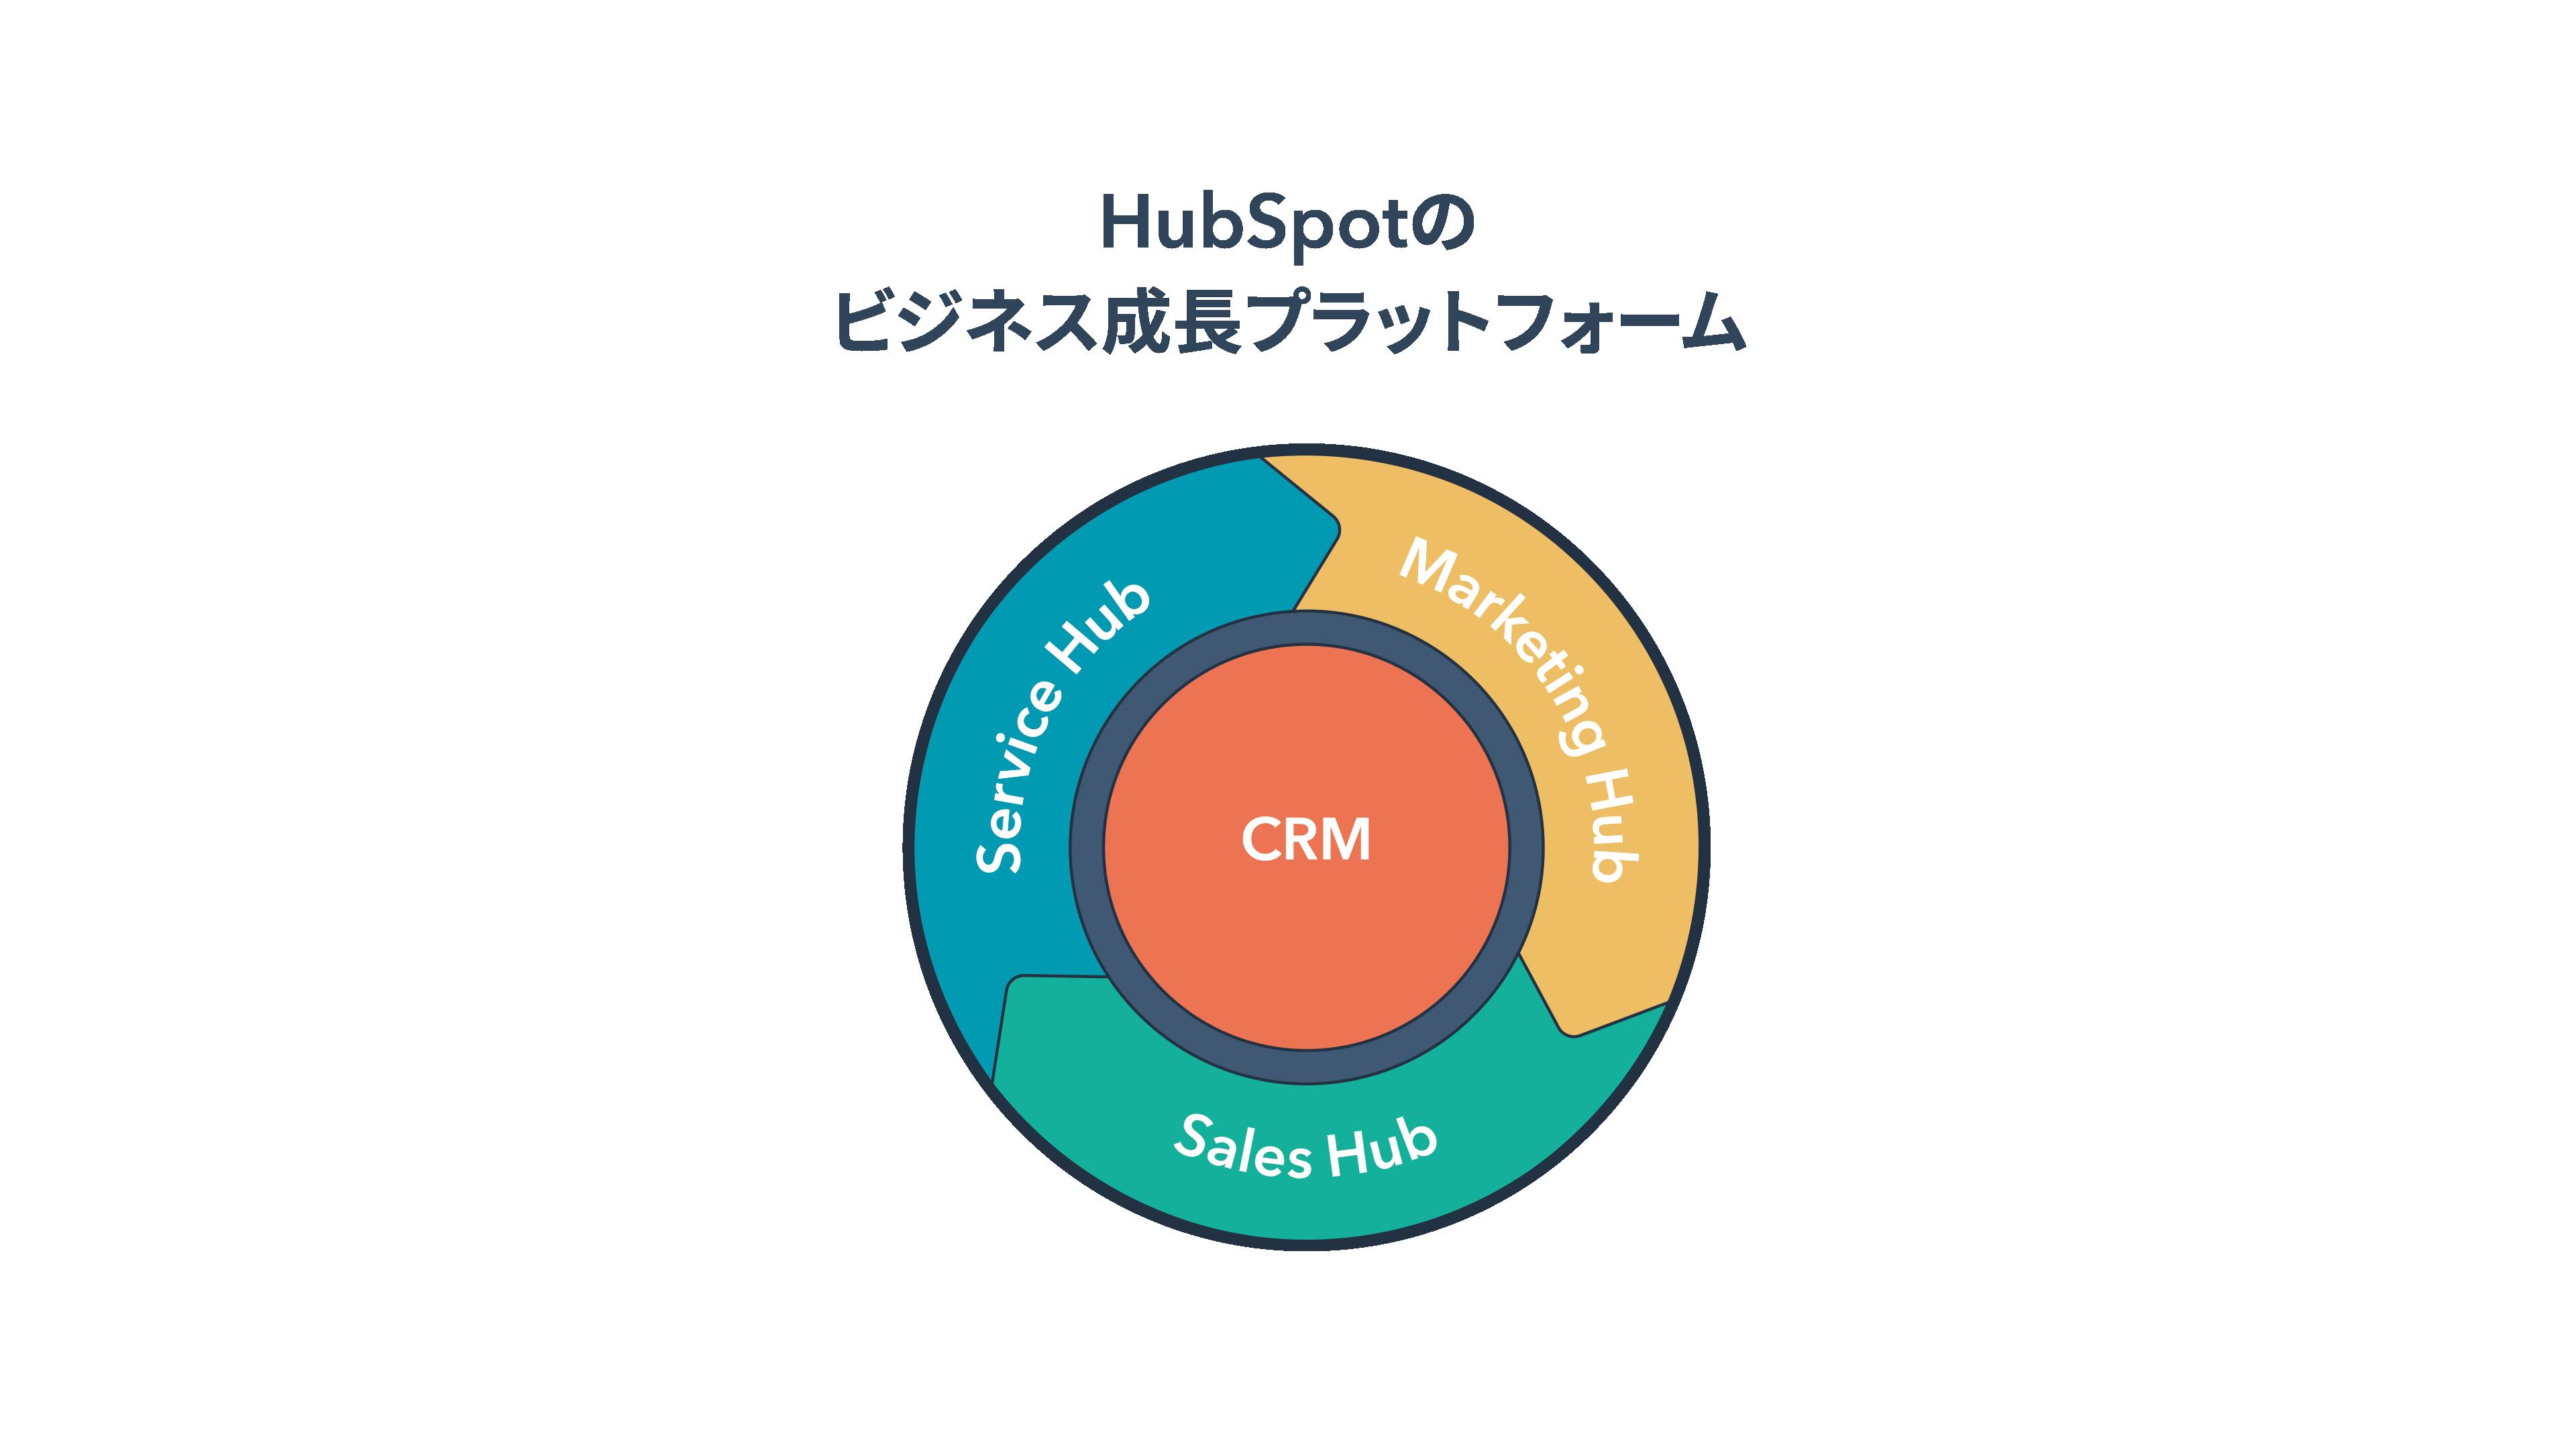 hubspot-growth-platform-jp-title